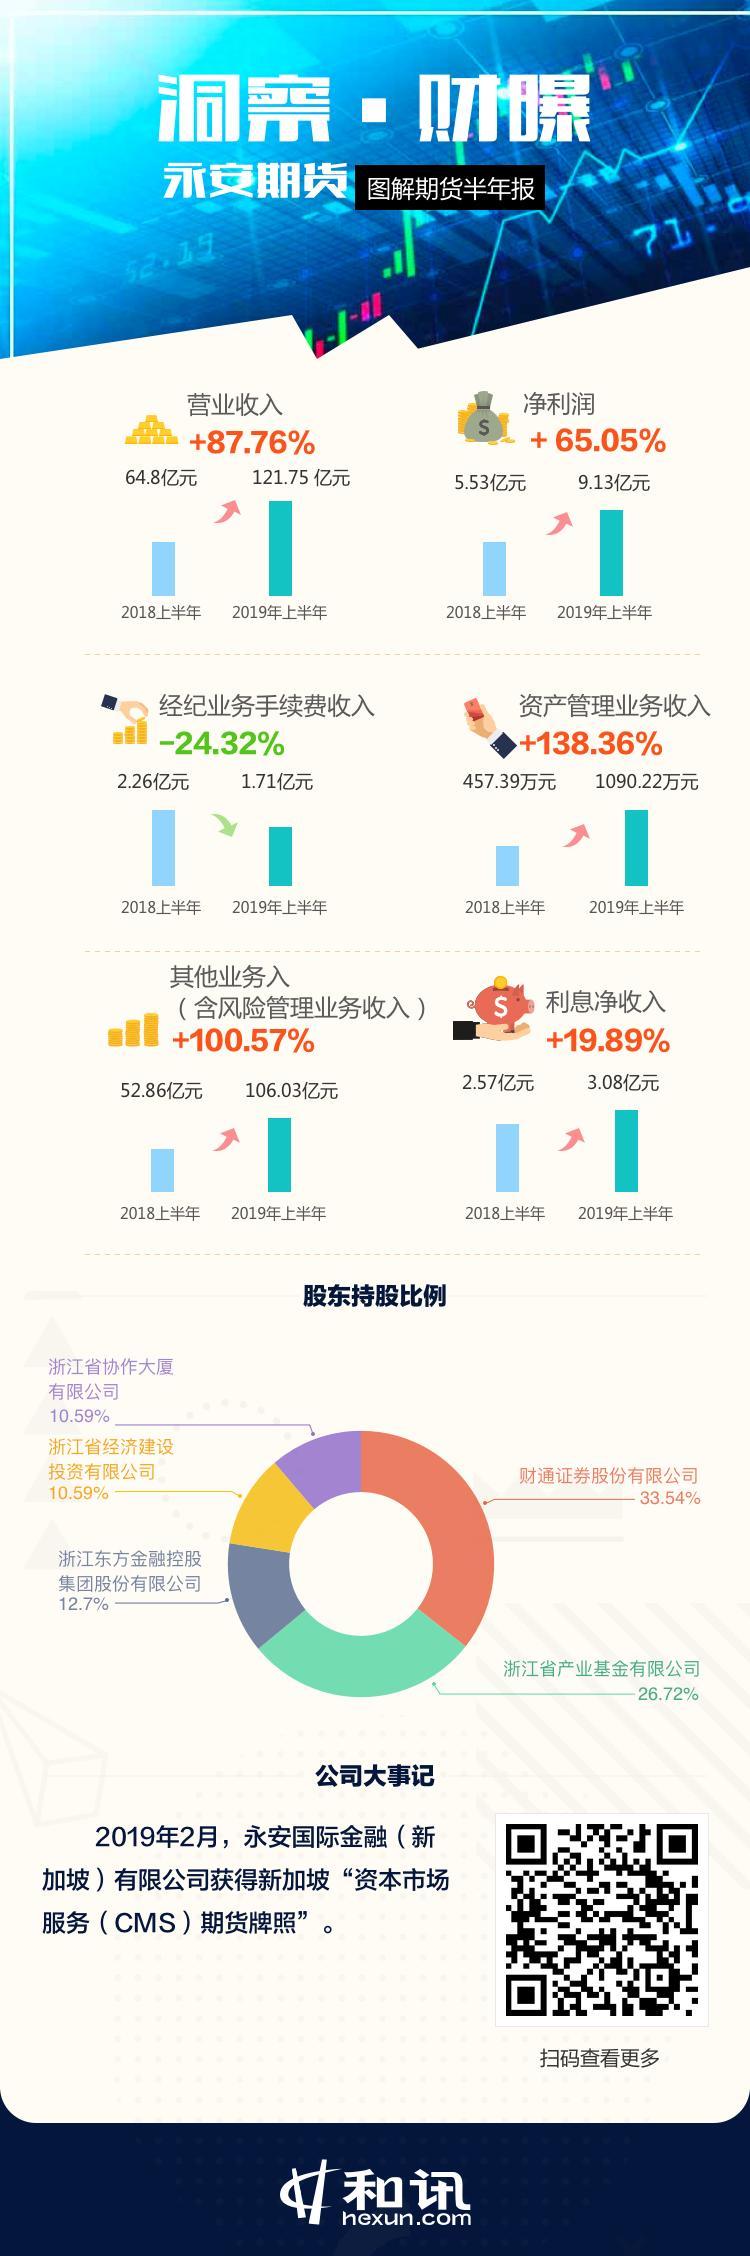 洞察·财曝 永安期货2019上半年营收超百亿大涨87.76% 净利润增长65.05%